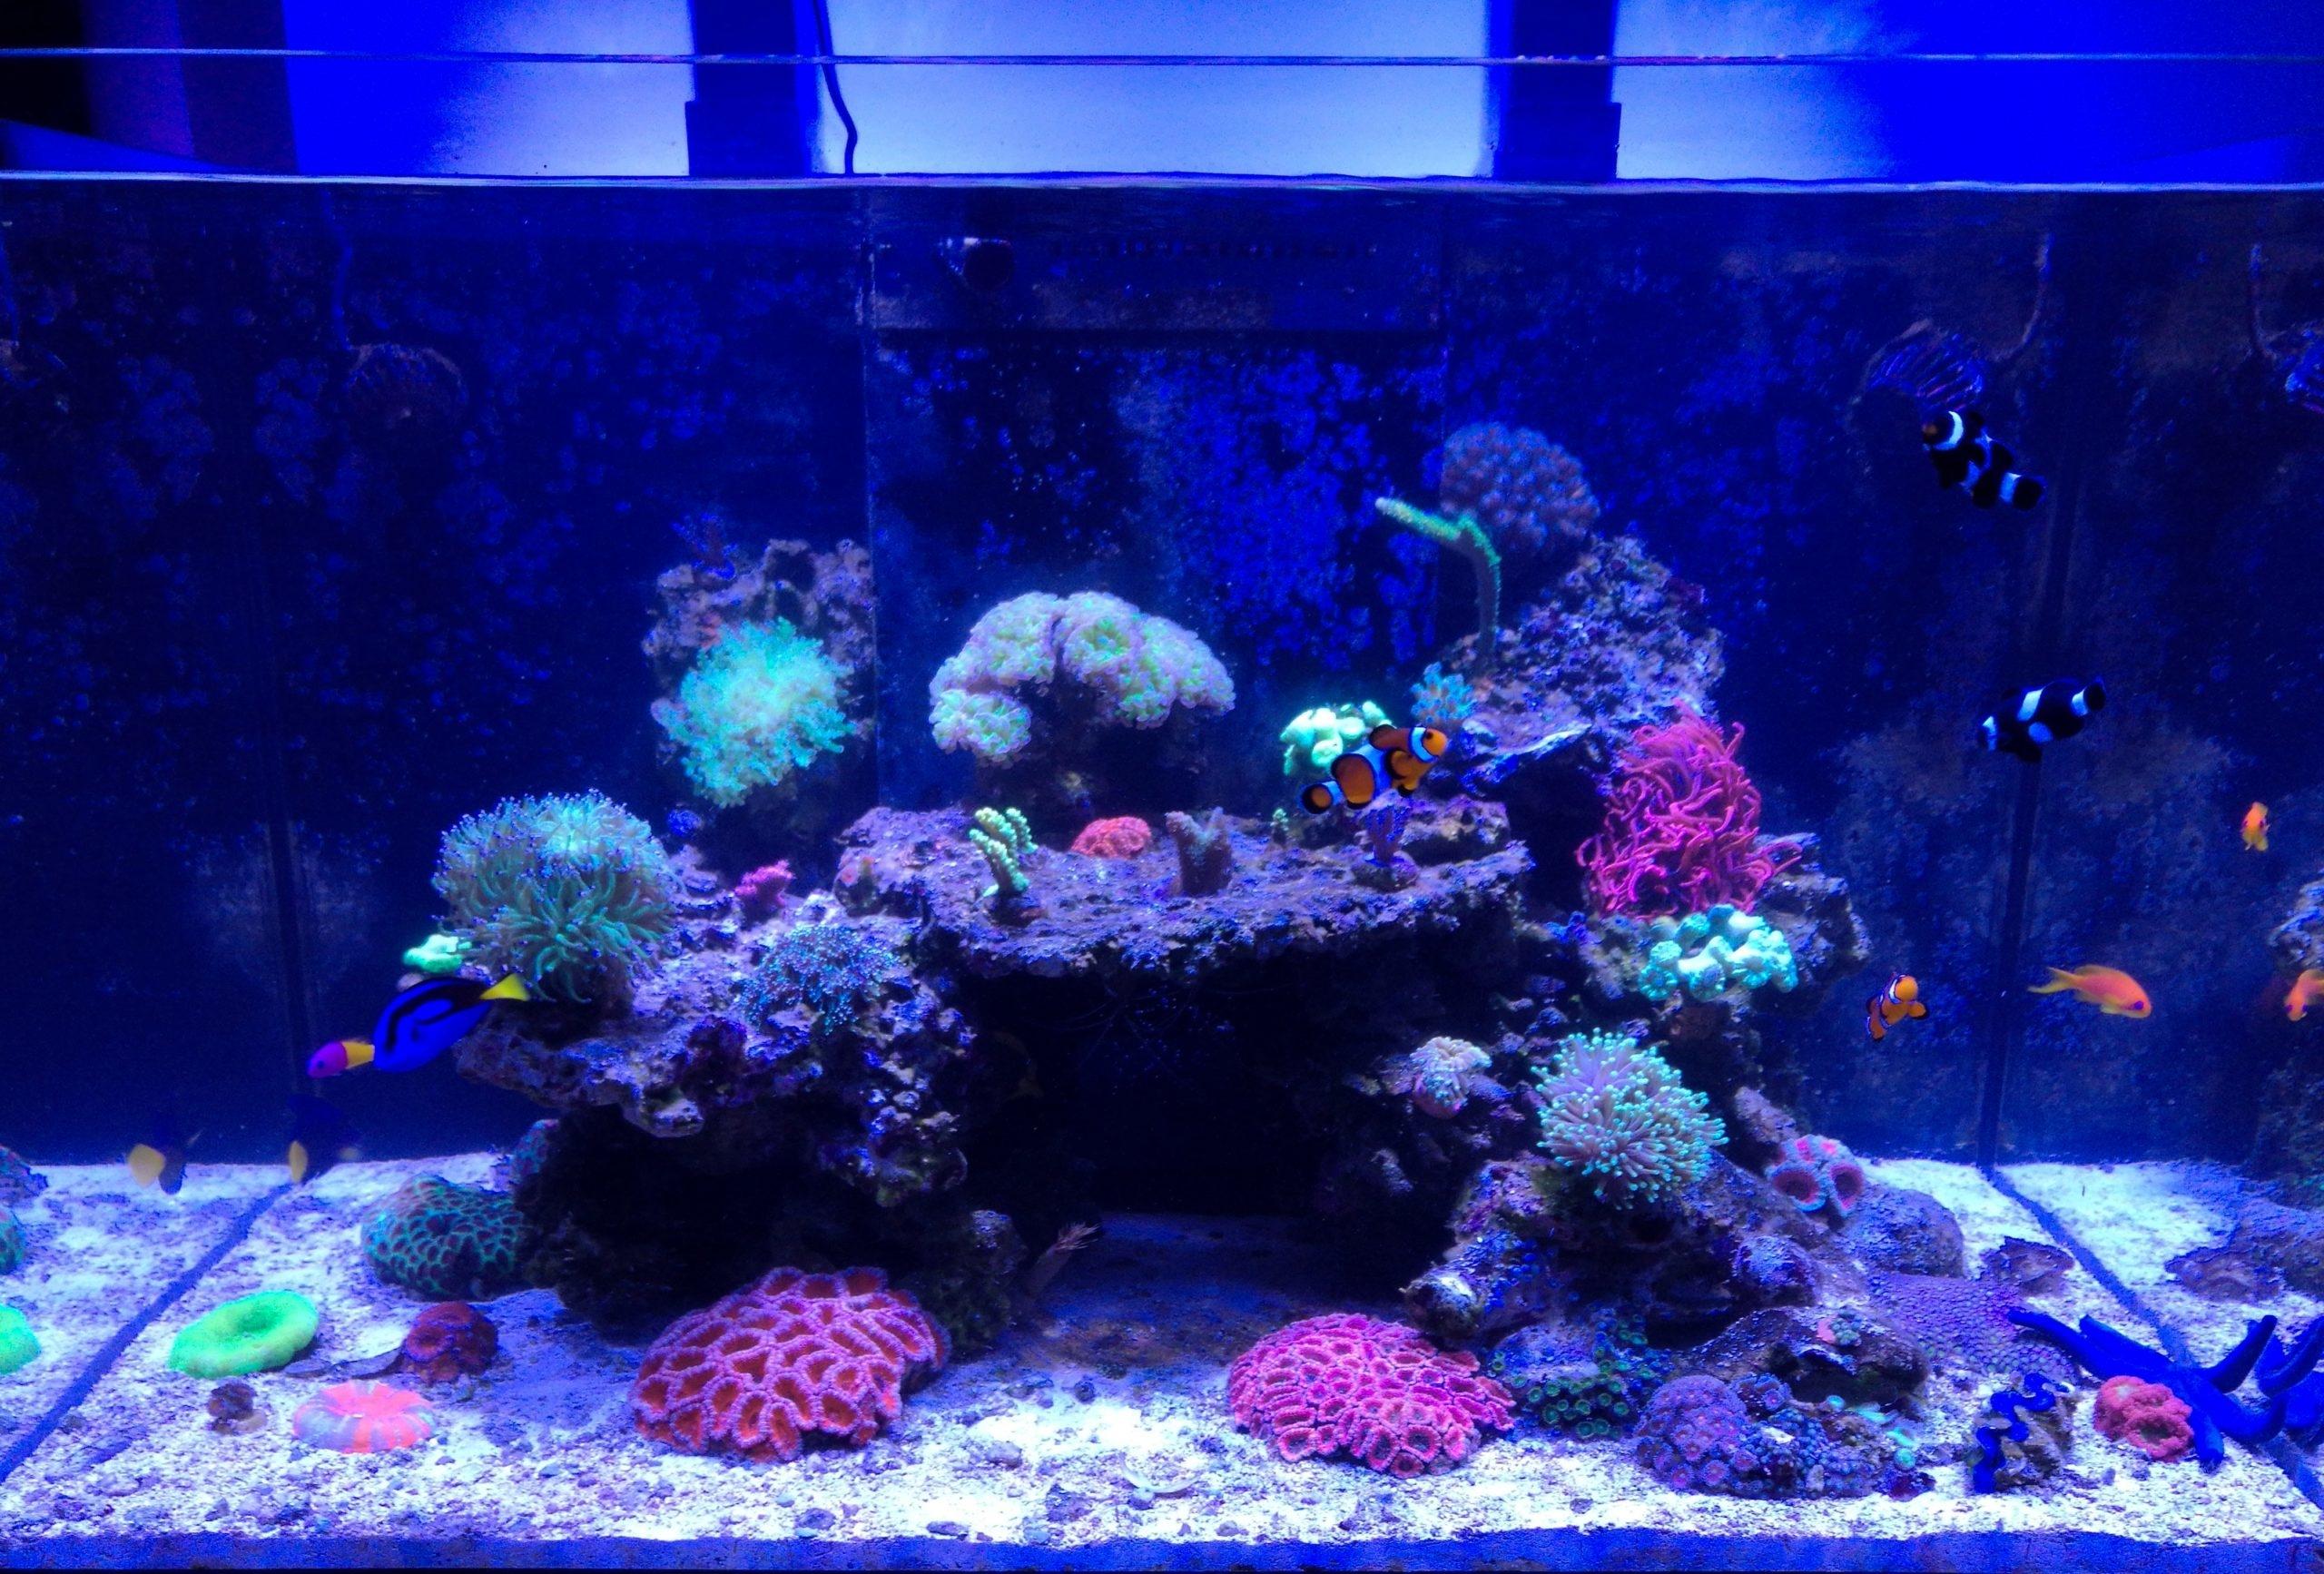 Mořské akvárium - komplet Red Sea reefer 250